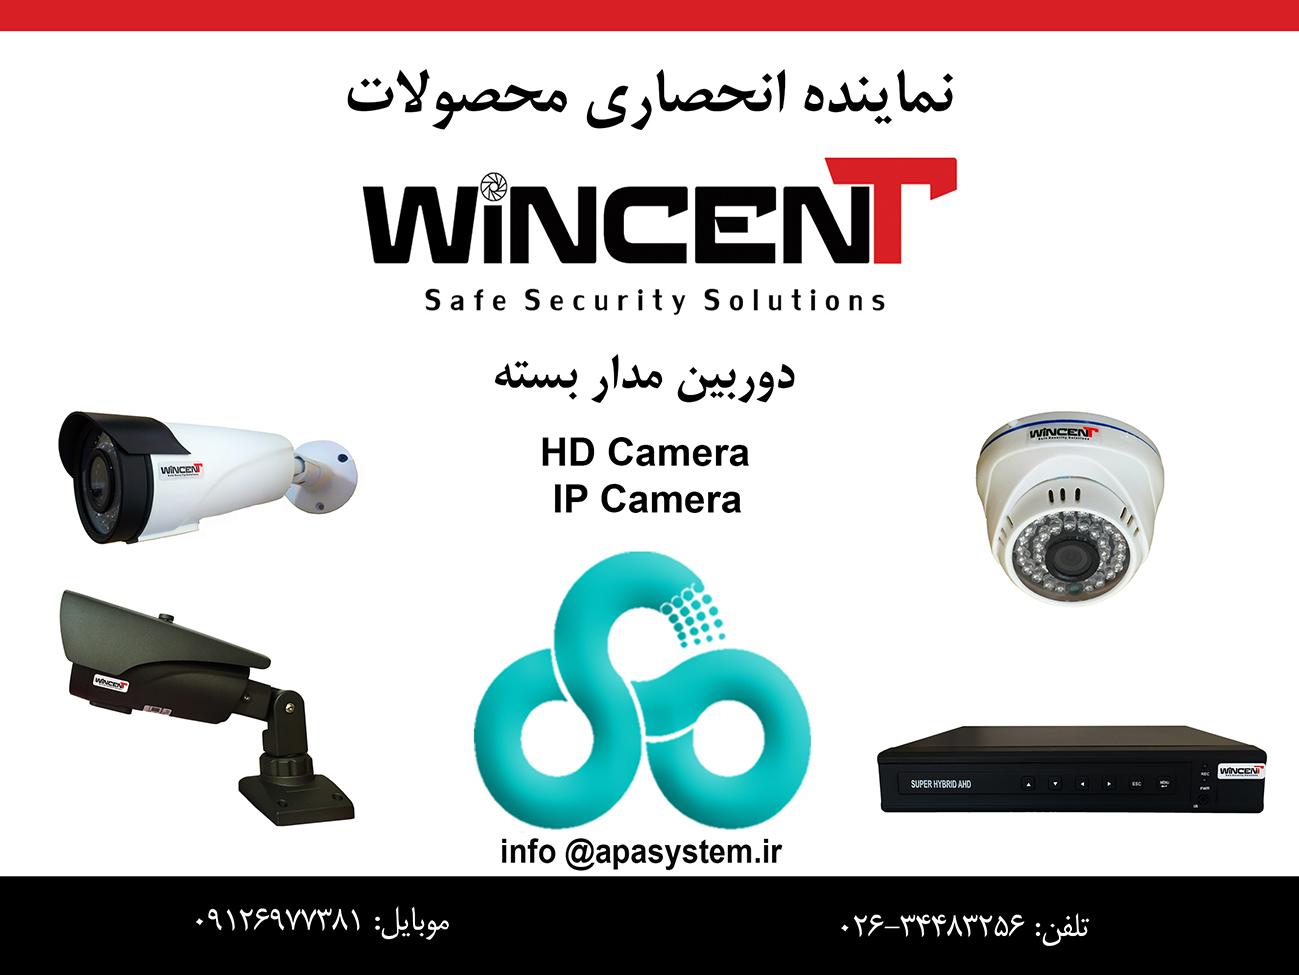 واردات، فروش وپخش انواع دوربین مداربسته wincent